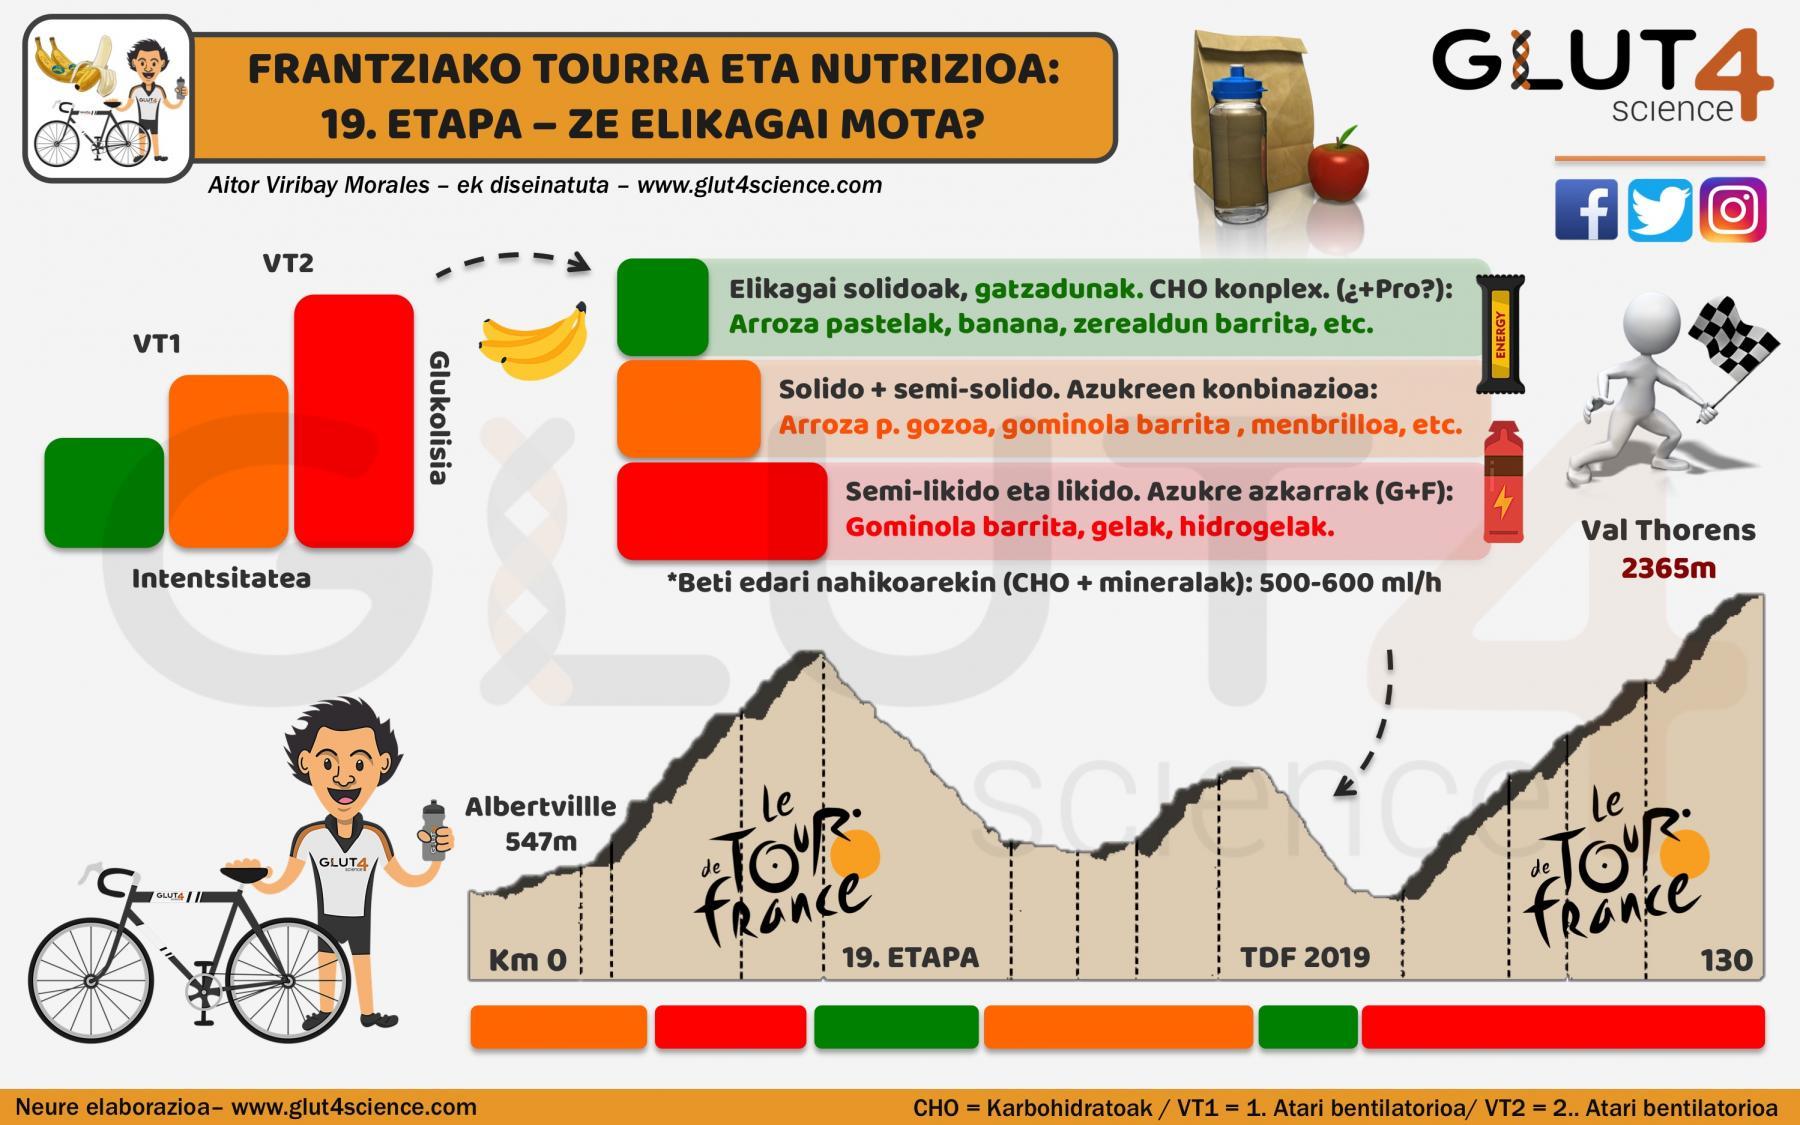 Frantziako tourra eta nutrizioa: Elikagai mota